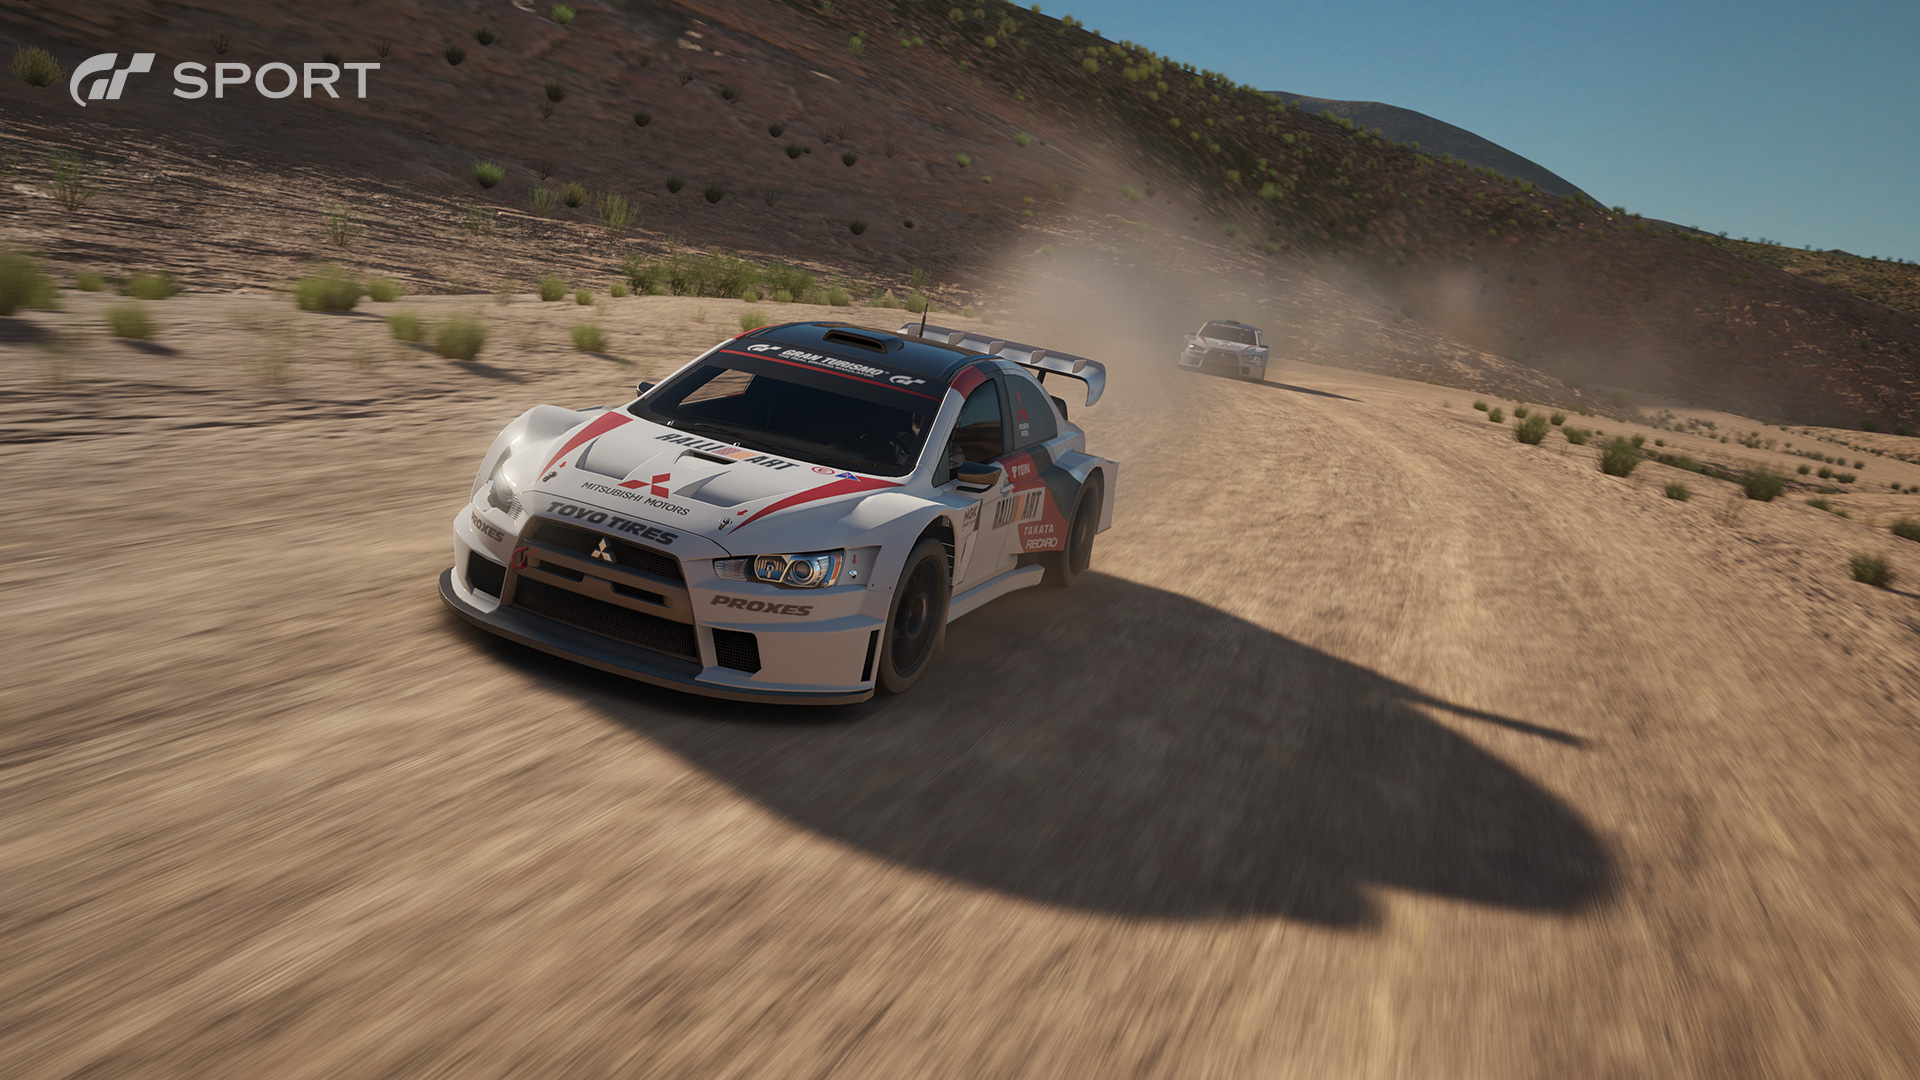 GTSport_Race_Dirt_02.0